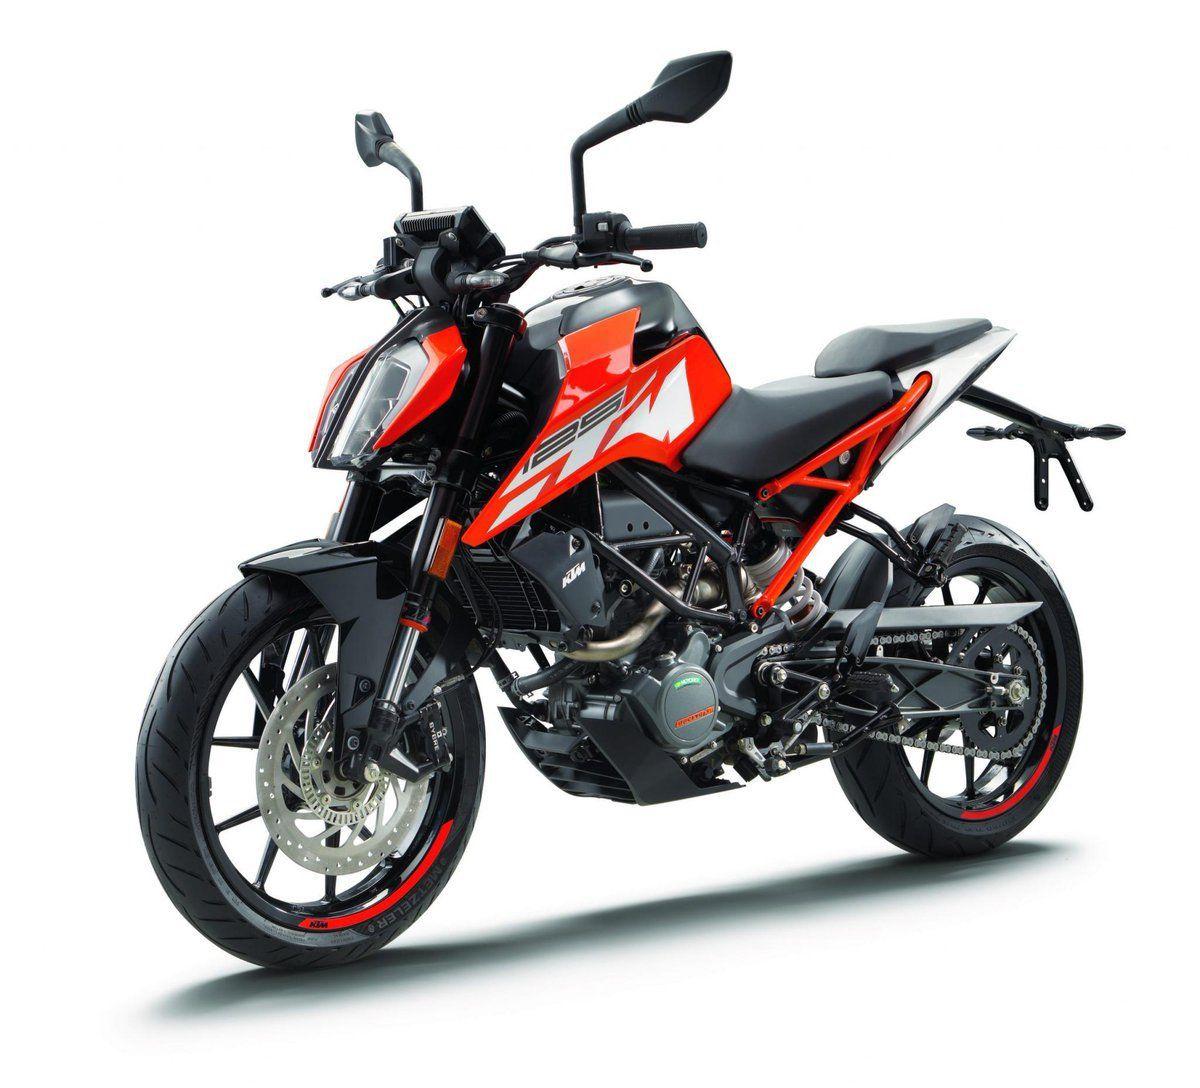 Ktm Tampilkan Update Duke 125 Dan Duke 390 Di Eicma Sepeda Motor